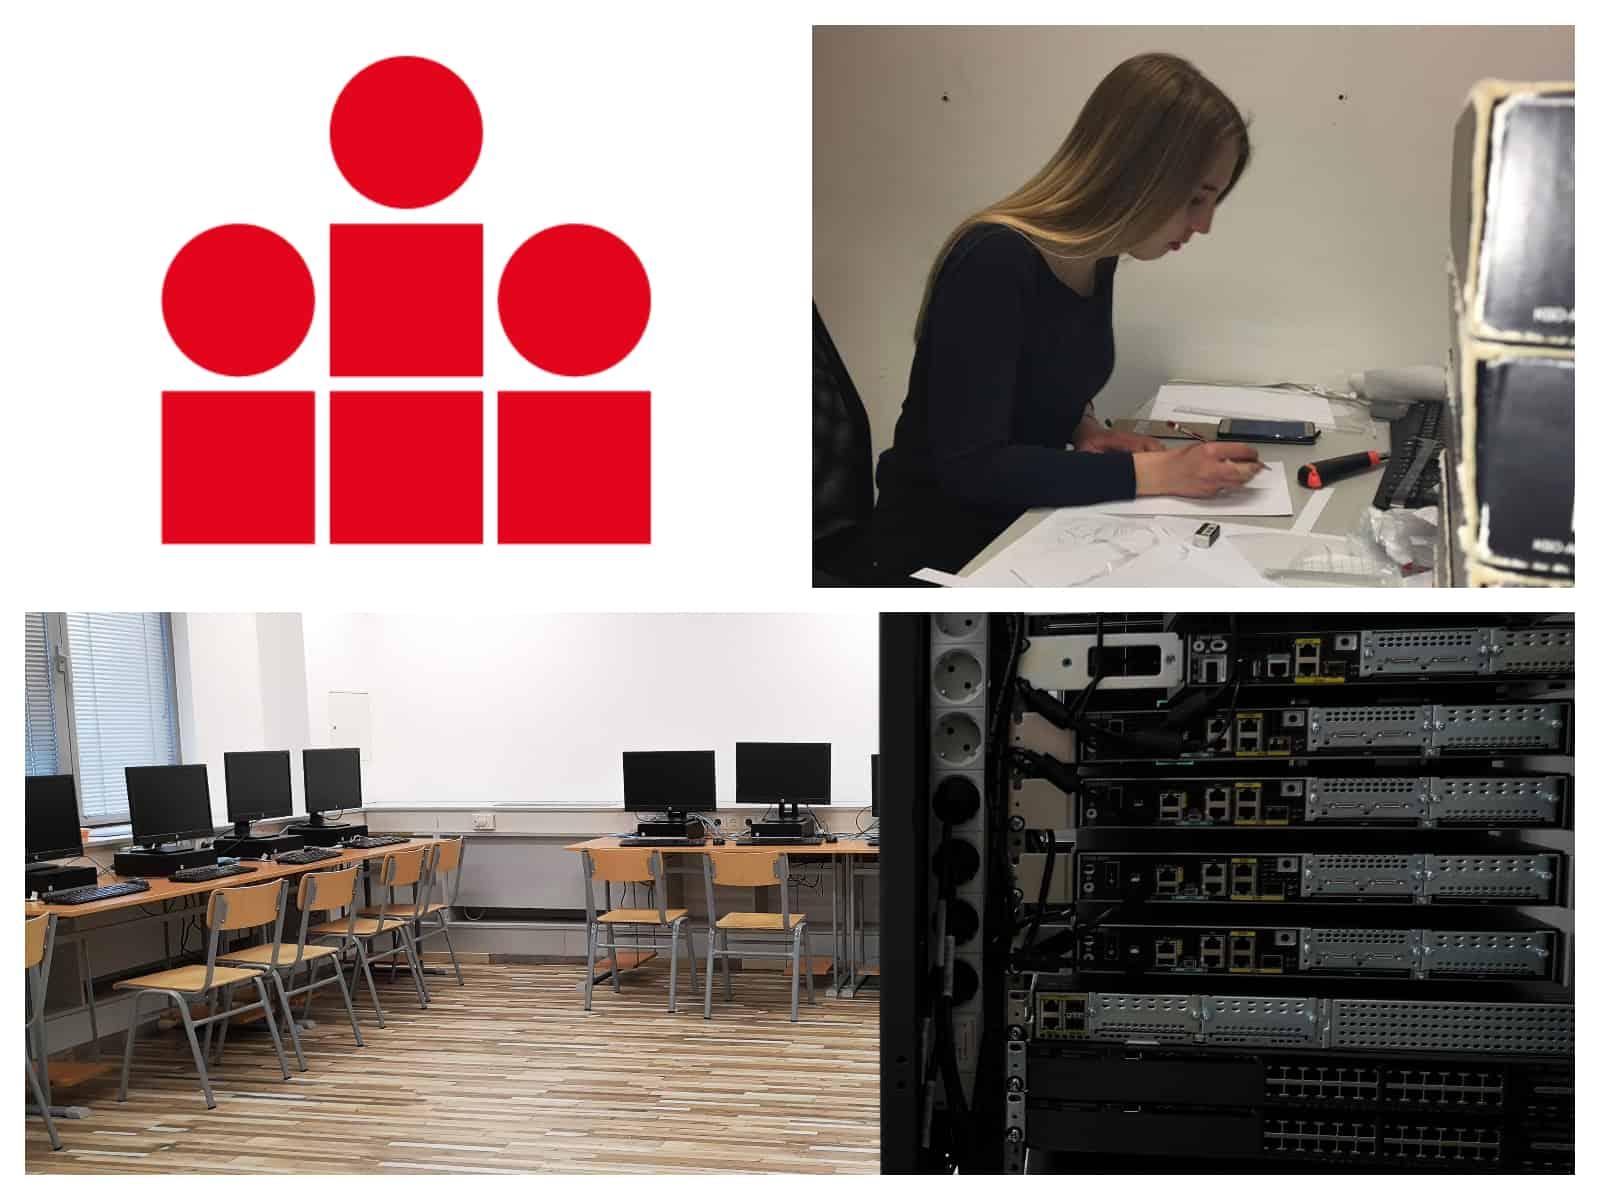 informatikai szakos tanuló órai munka közben, iskola logója, informatika tanterem